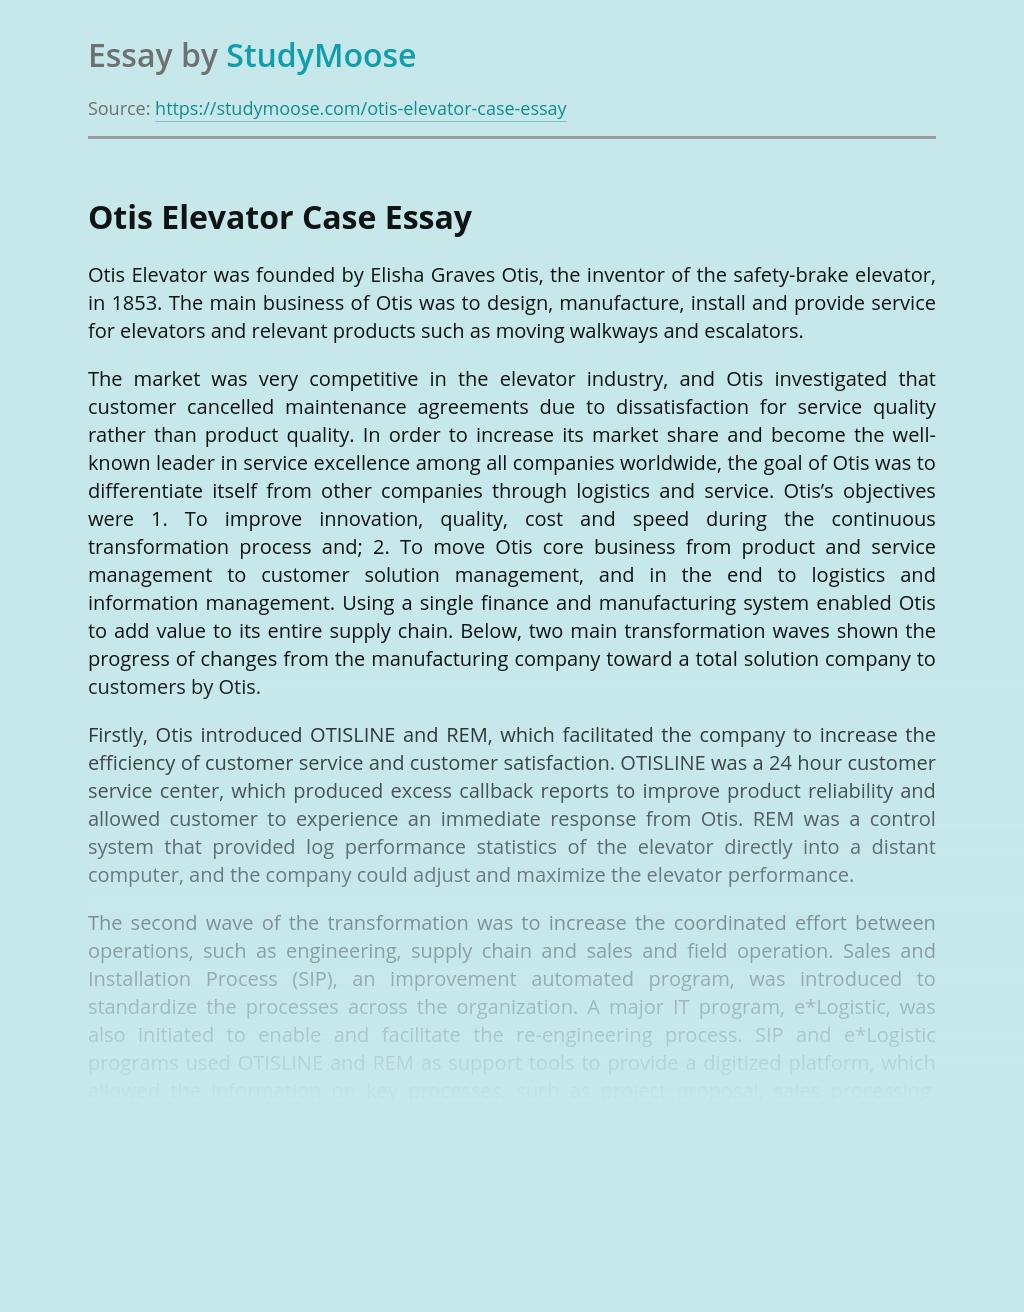 Otis Elevator Case